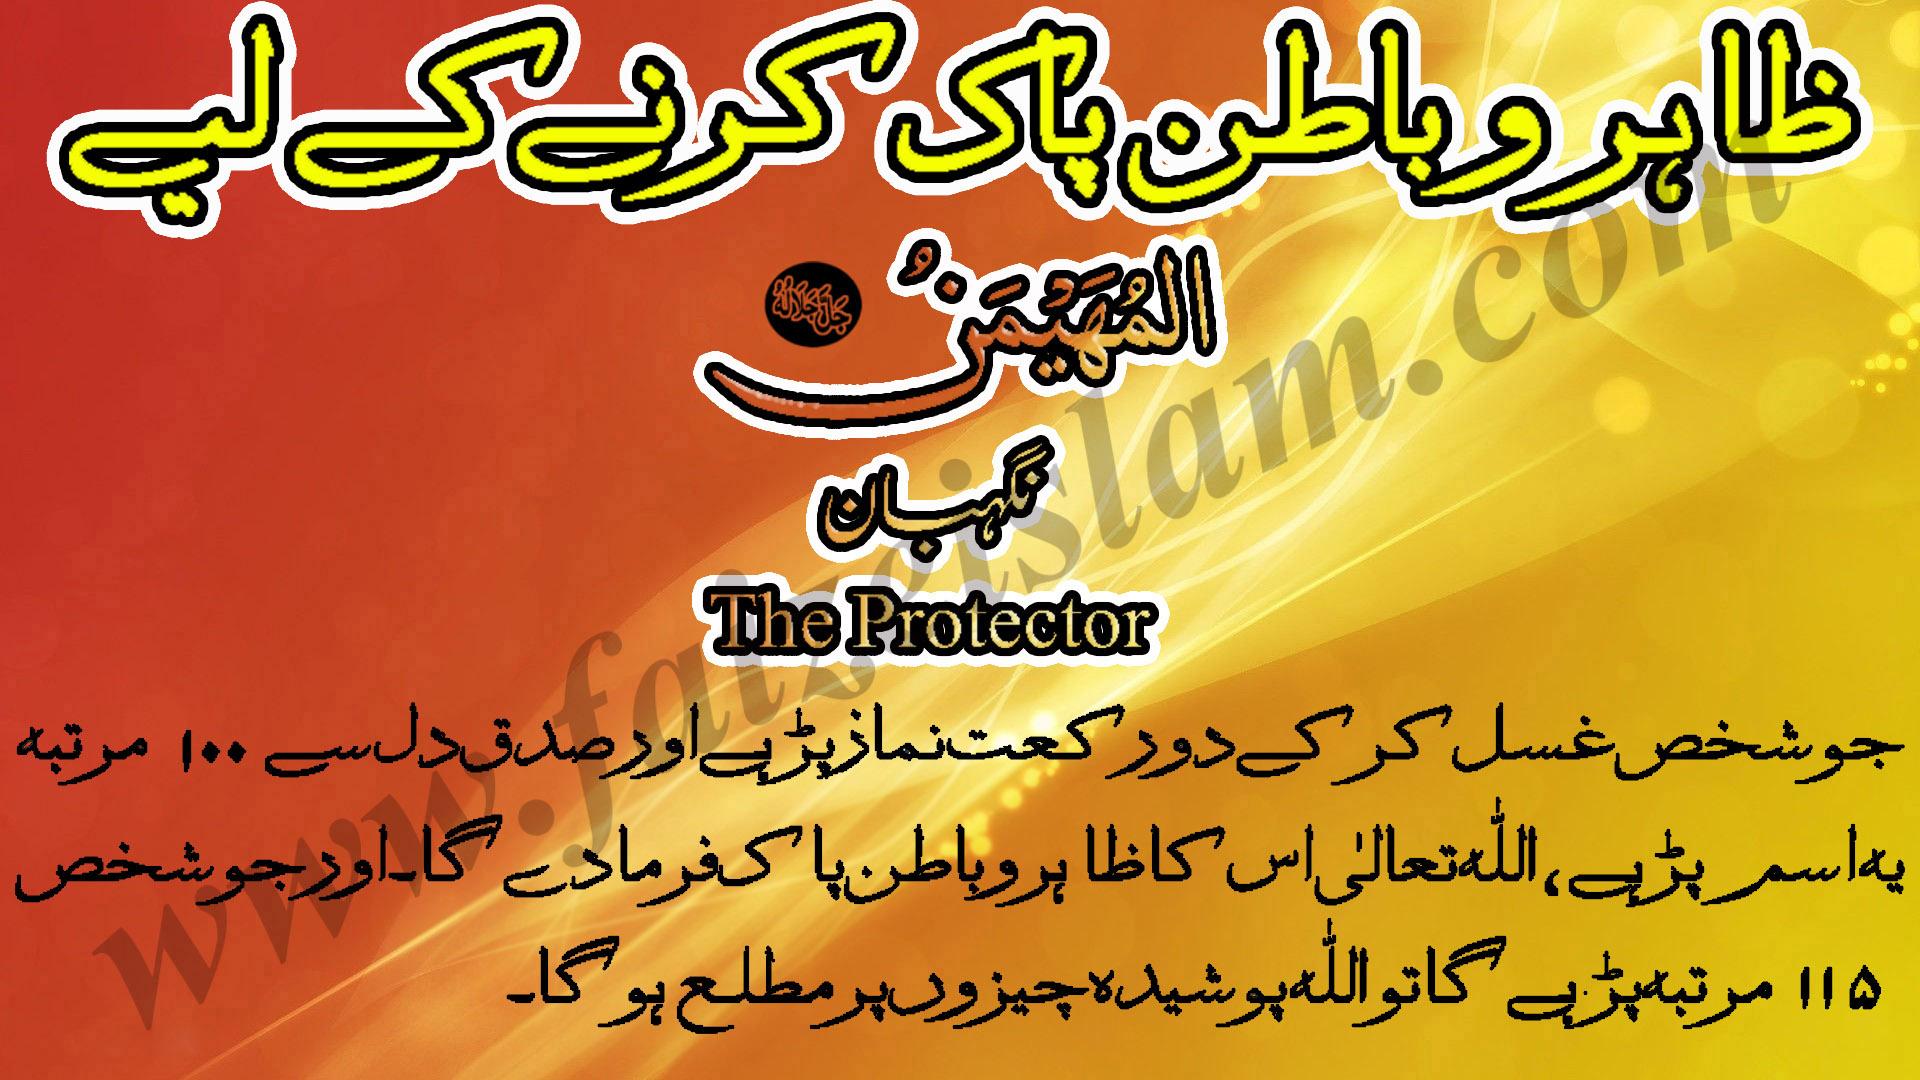 Zahir Aur Batin Pak Karnay Ke Liye Wazaif In Urdu